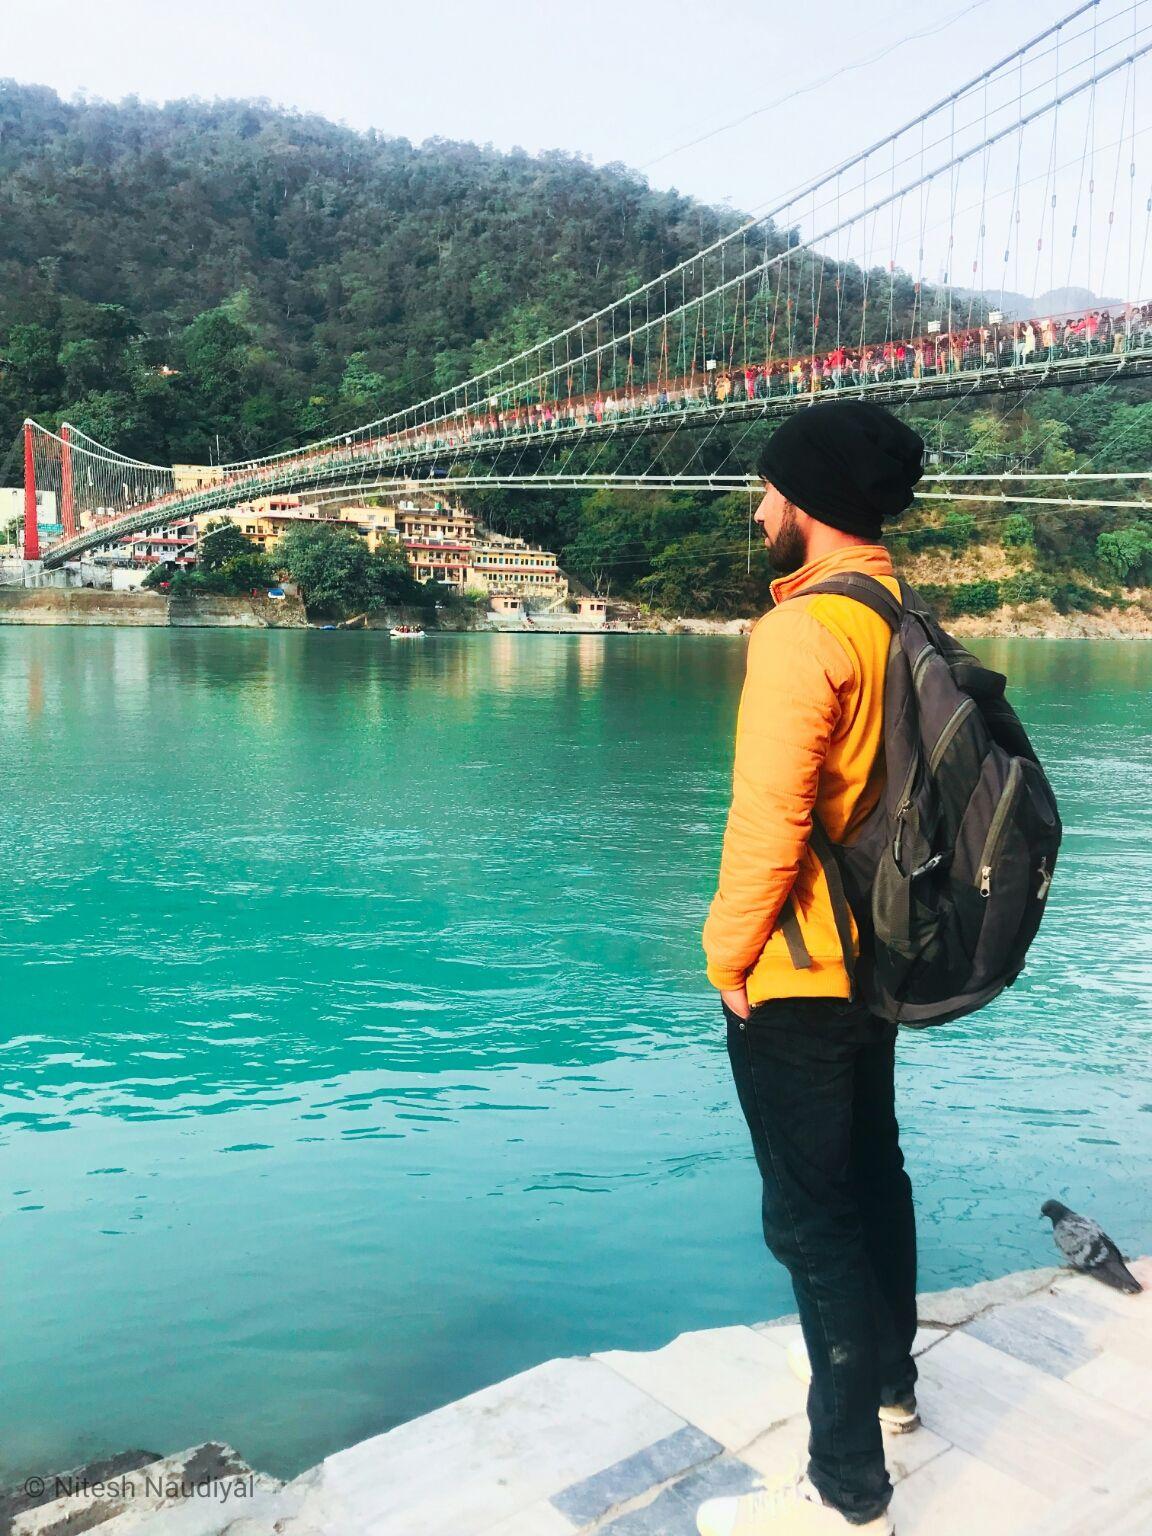 Photo of Rishikesh By nitesh naudiyal (Bairagi)